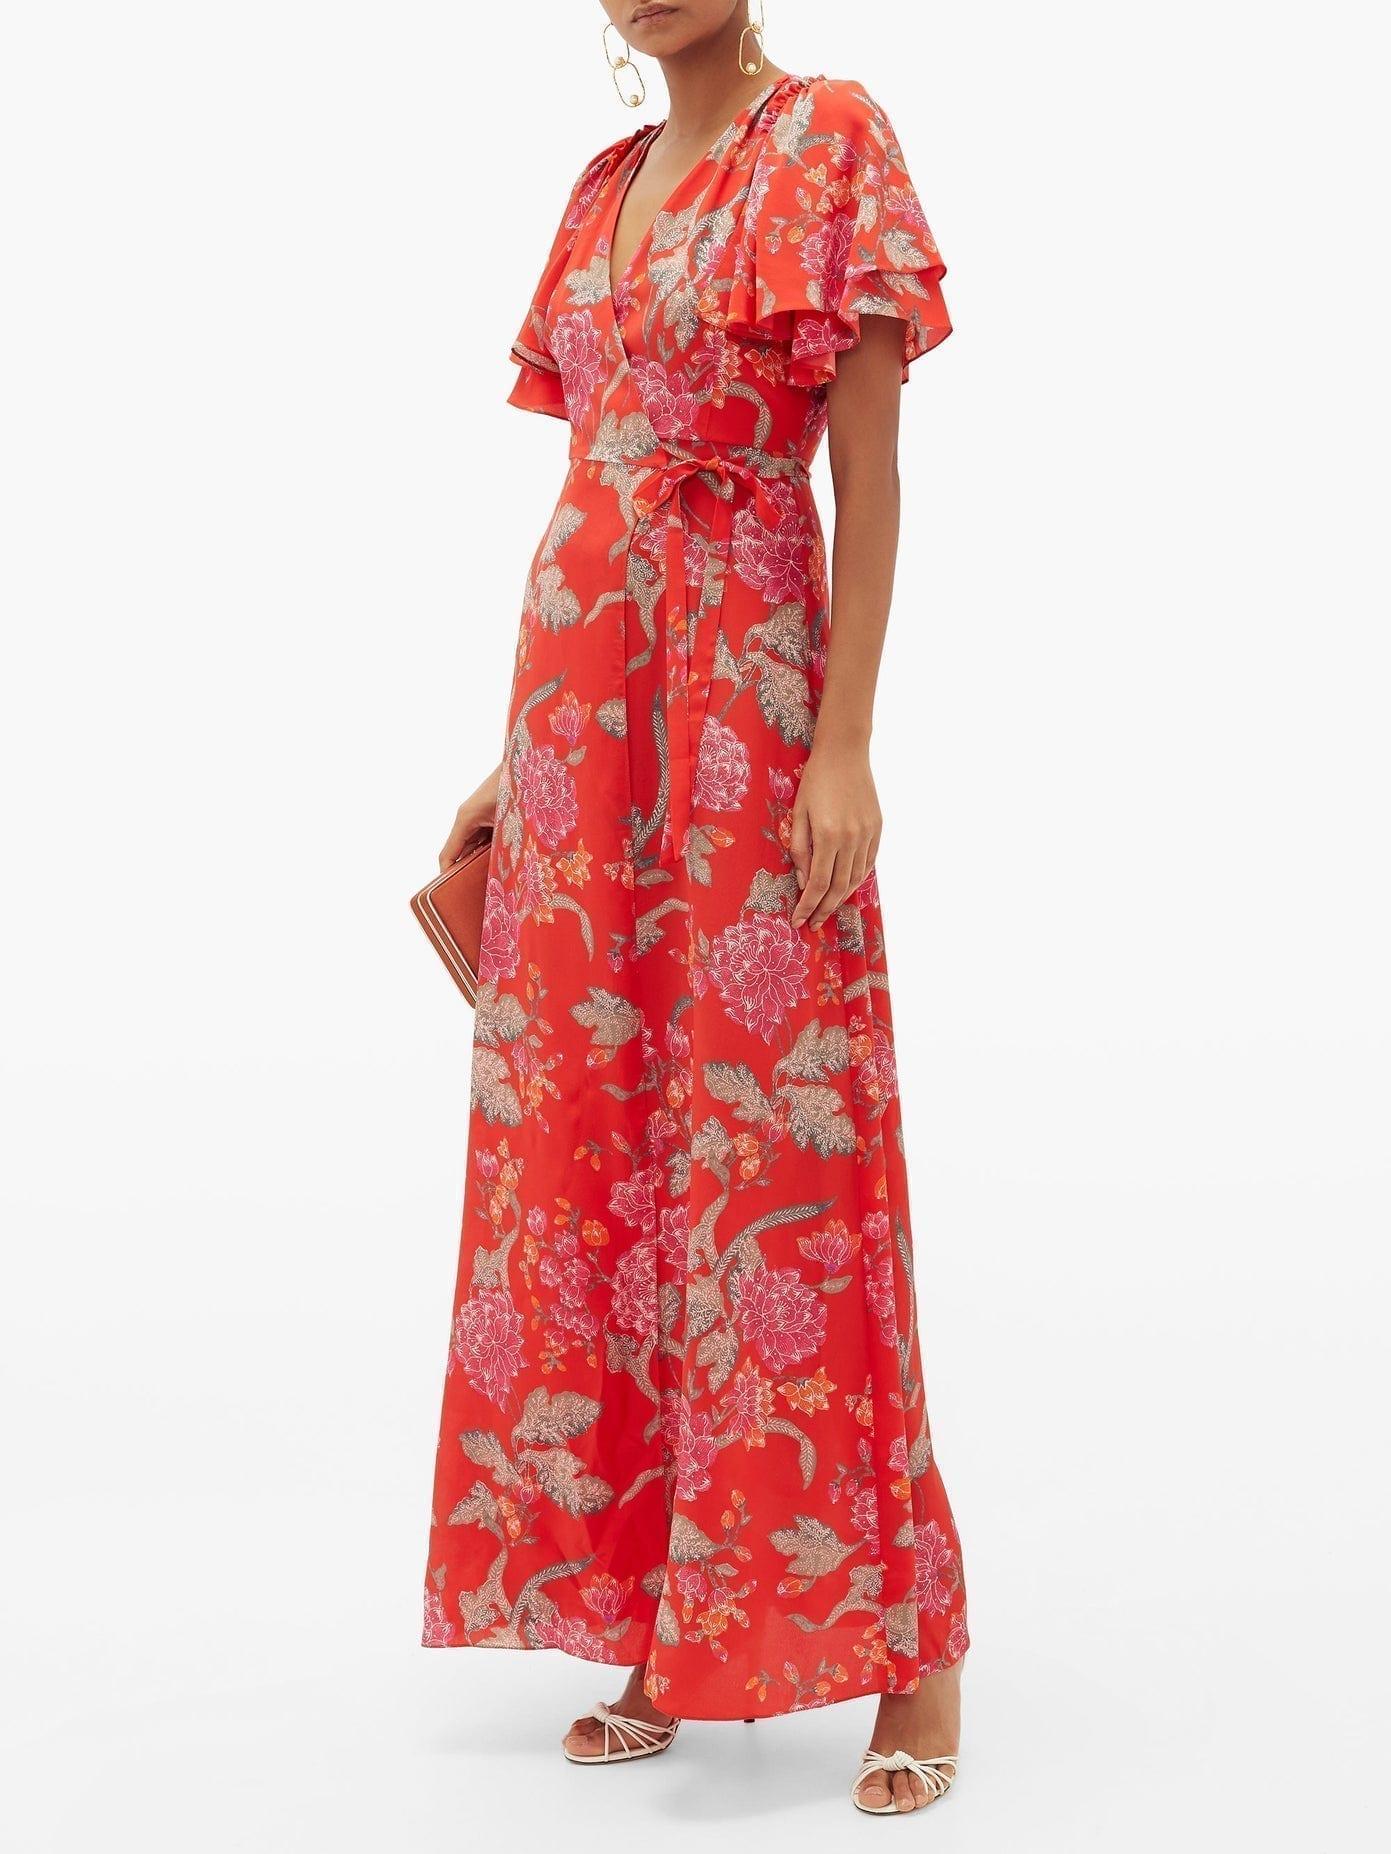 BEULAH Florine Dahlia-print Silk Crepe De Chine Dress